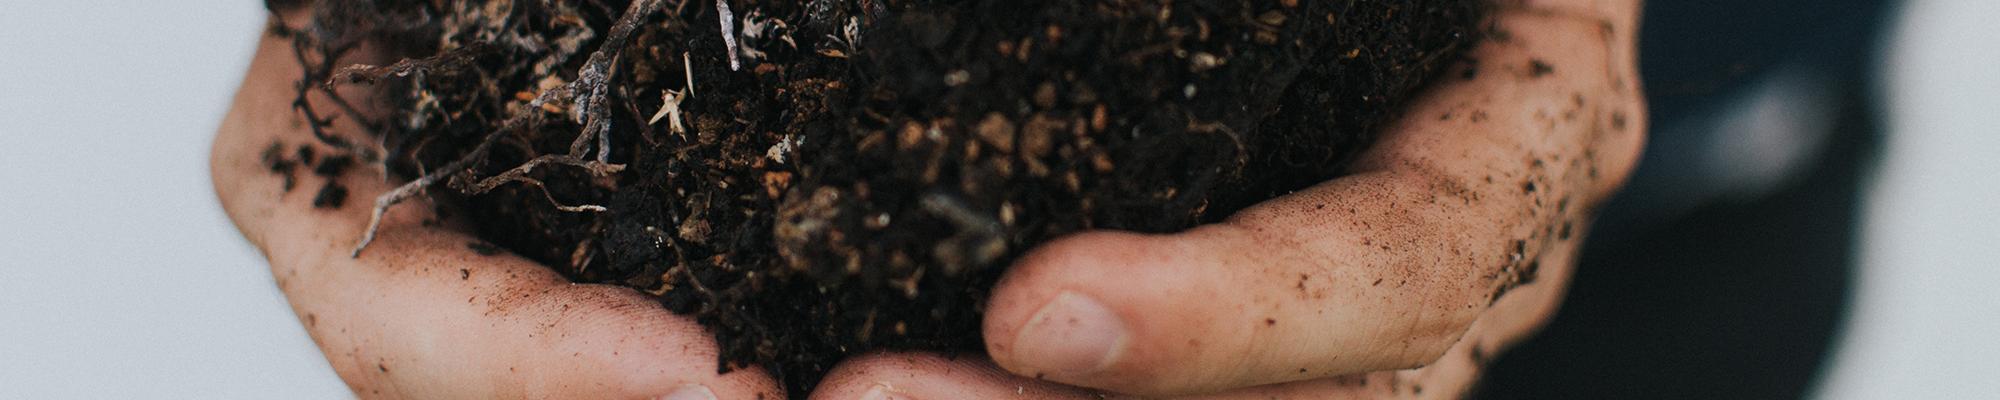 Manos cogiendo tierra - MicroBioSpain